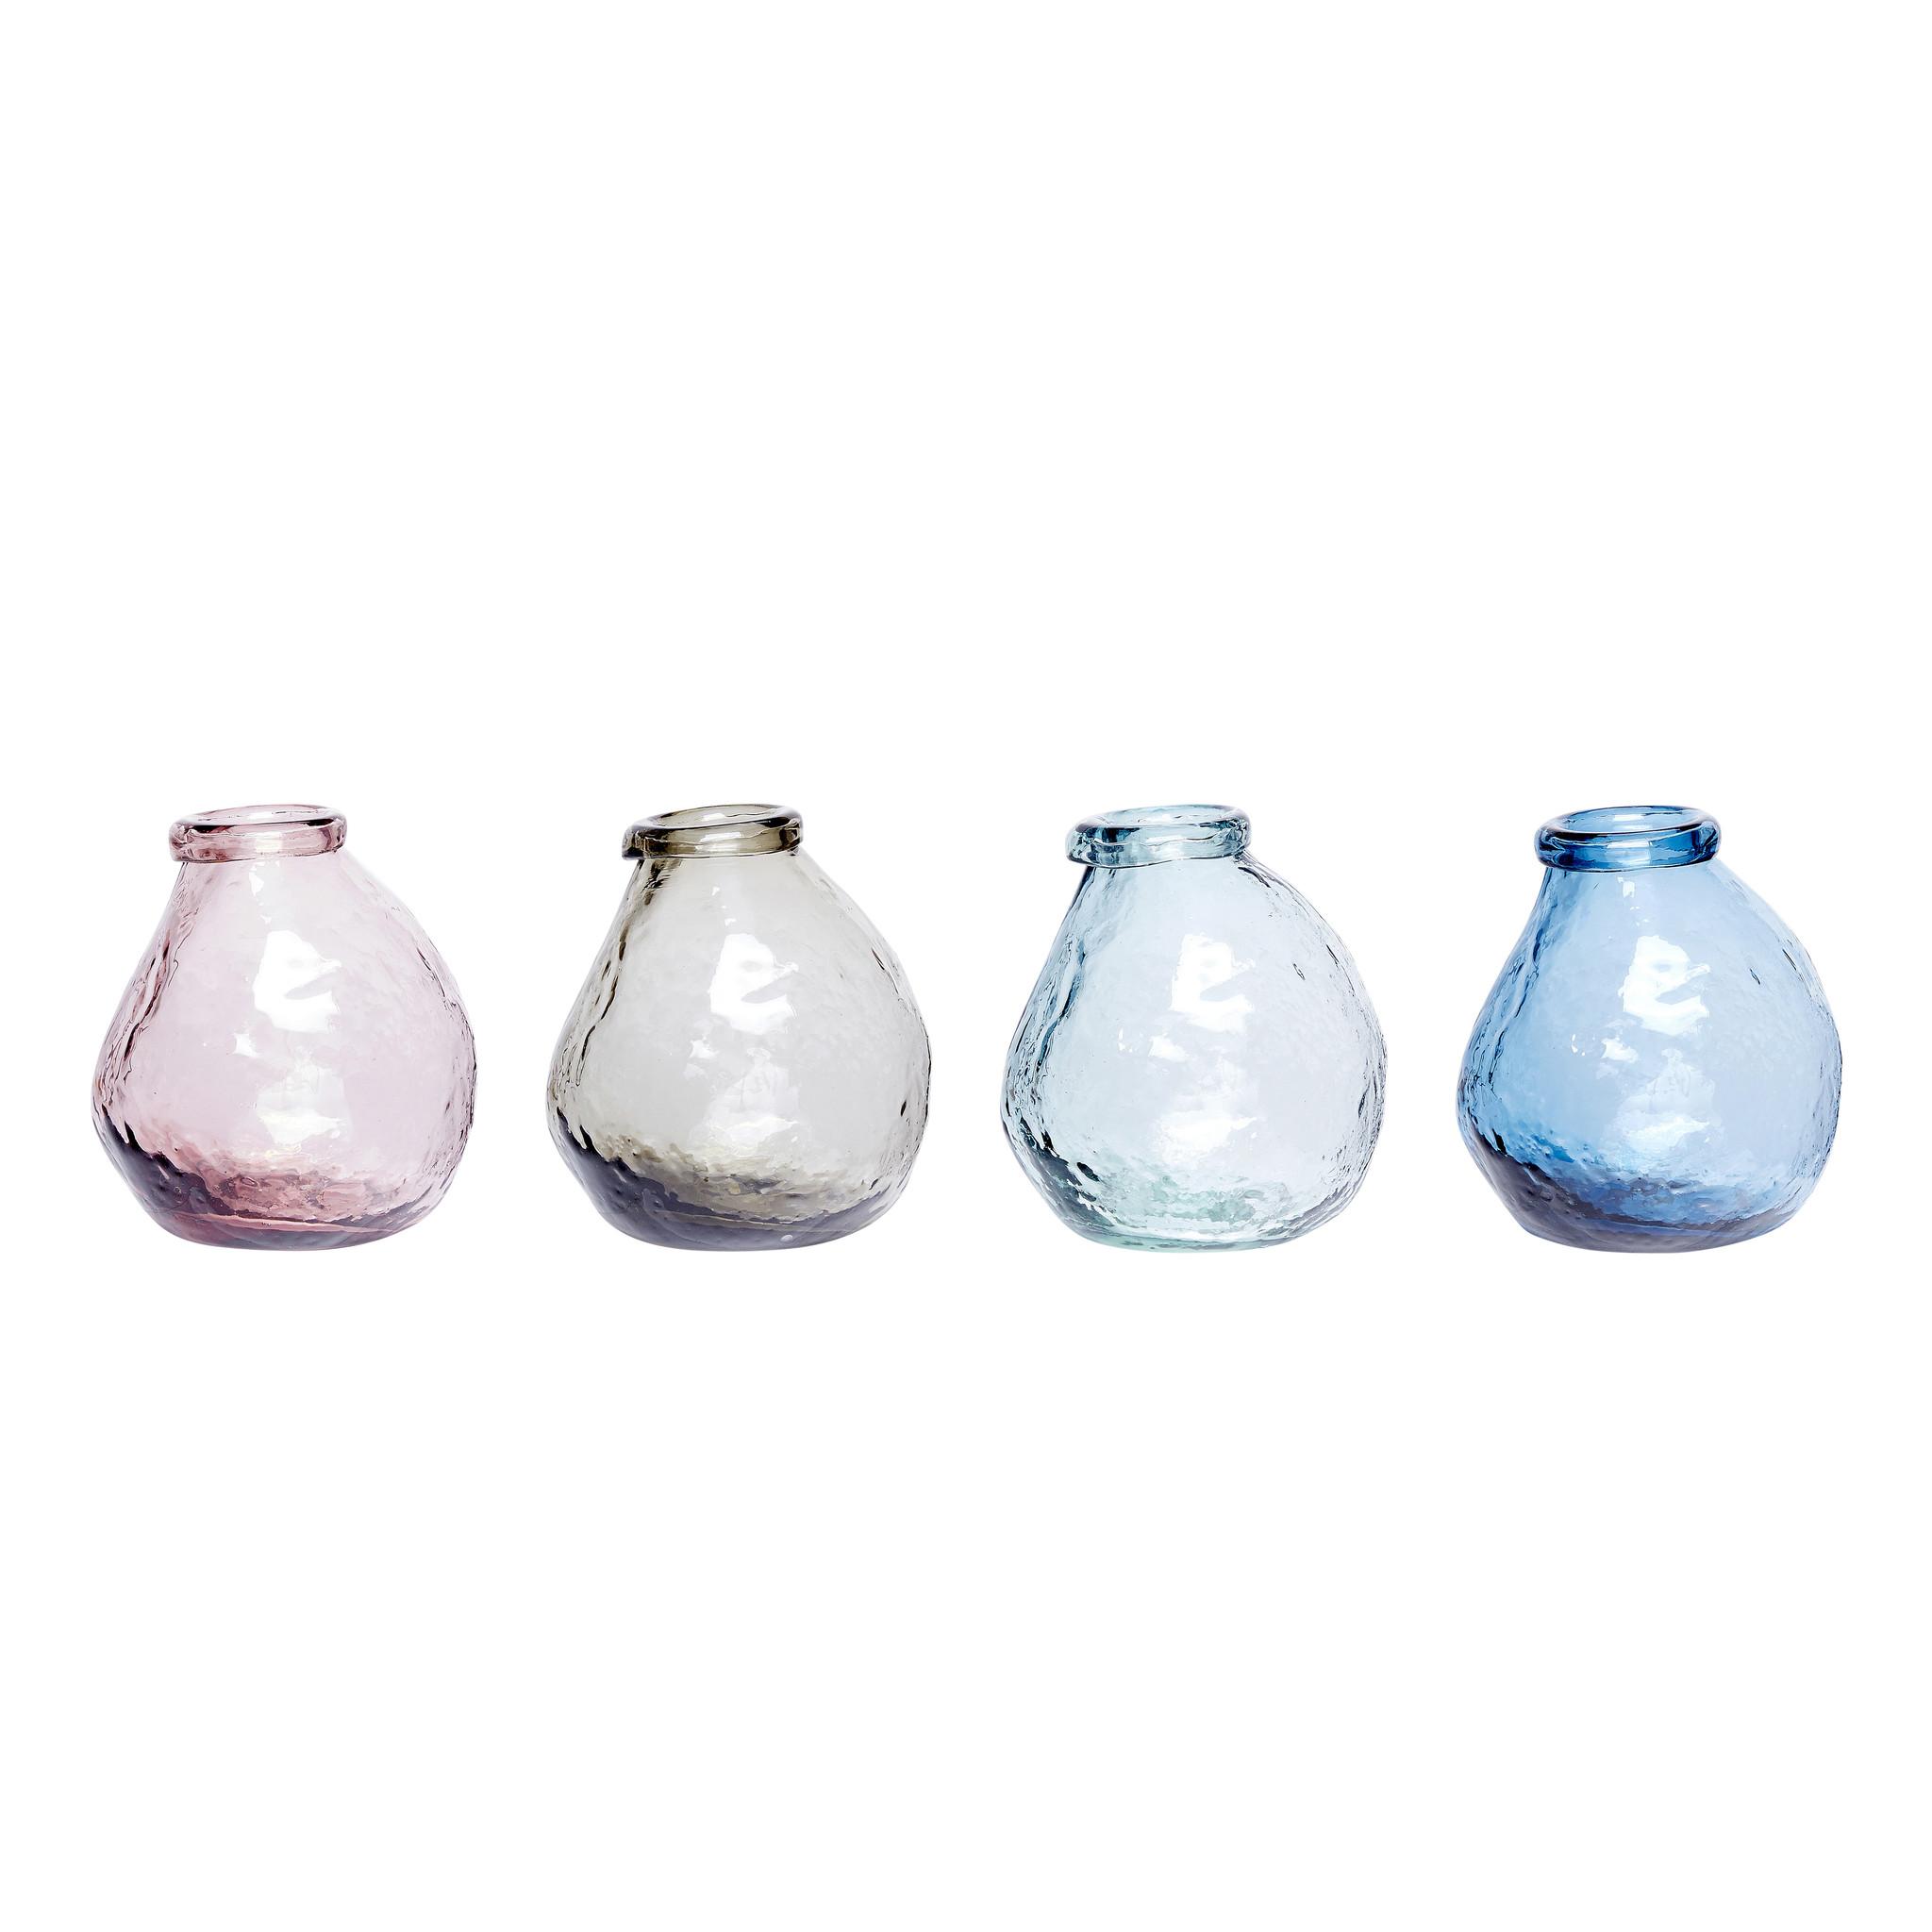 Hubsch Vaas, glas, rose / helder / blauw / grijs, set van 4-280301-5712772063606